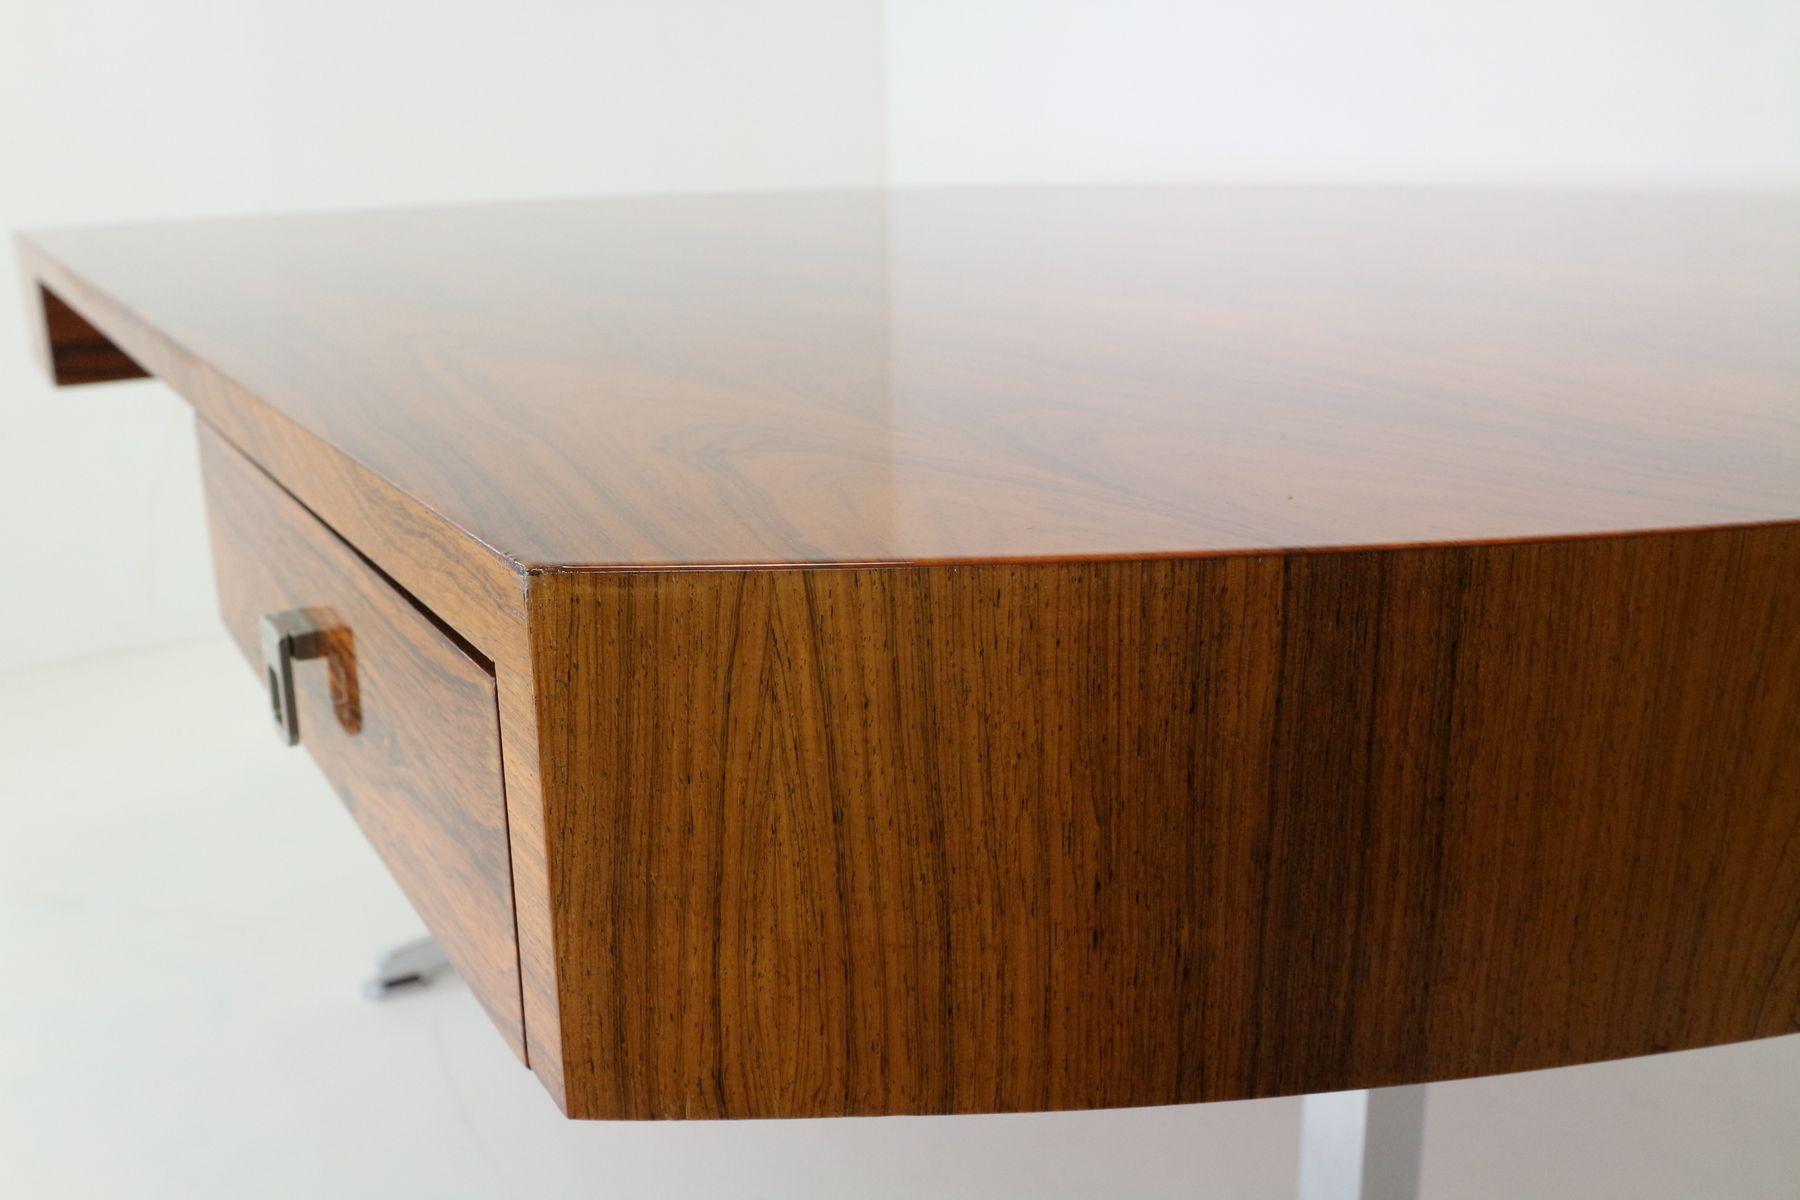 halbrunder vintage palisander chrom schreibtisch bei pamono kaufen. Black Bedroom Furniture Sets. Home Design Ideas